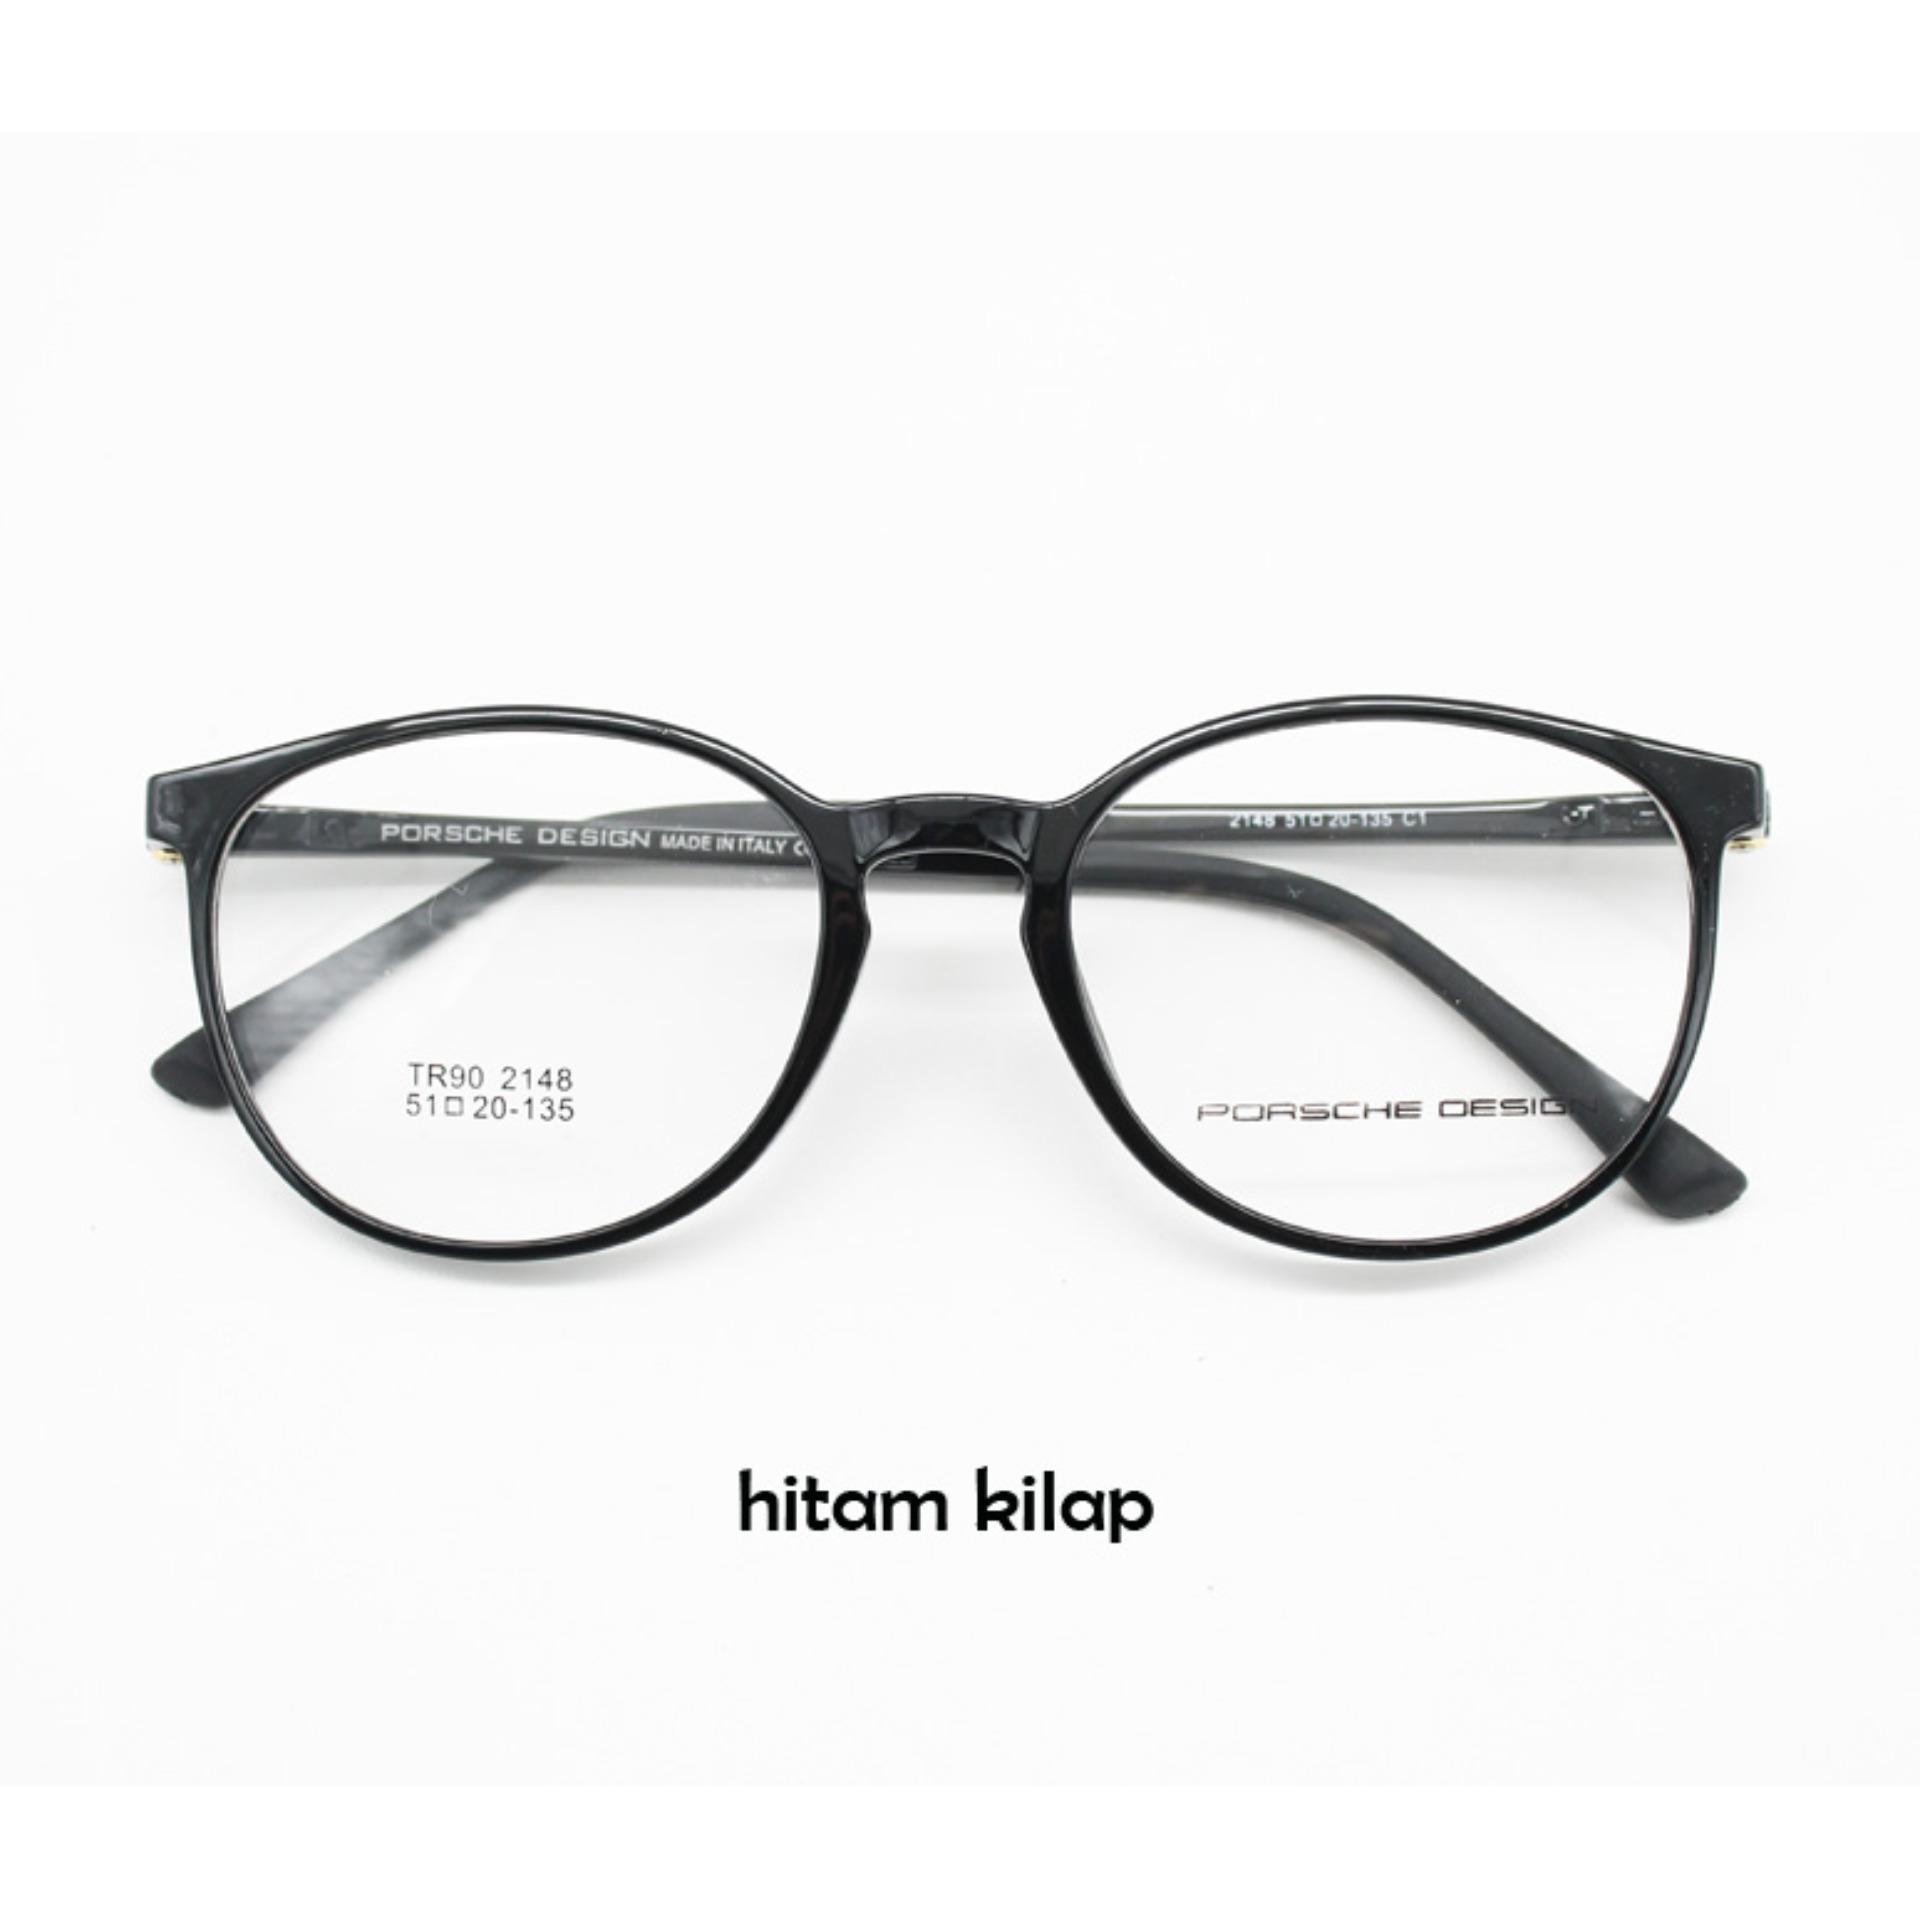 Frame Kacamata Fashion 2148 Bulat Bisa Ganti Lensa Minus Anti Radiasi  Sendiri 6a1b858f56